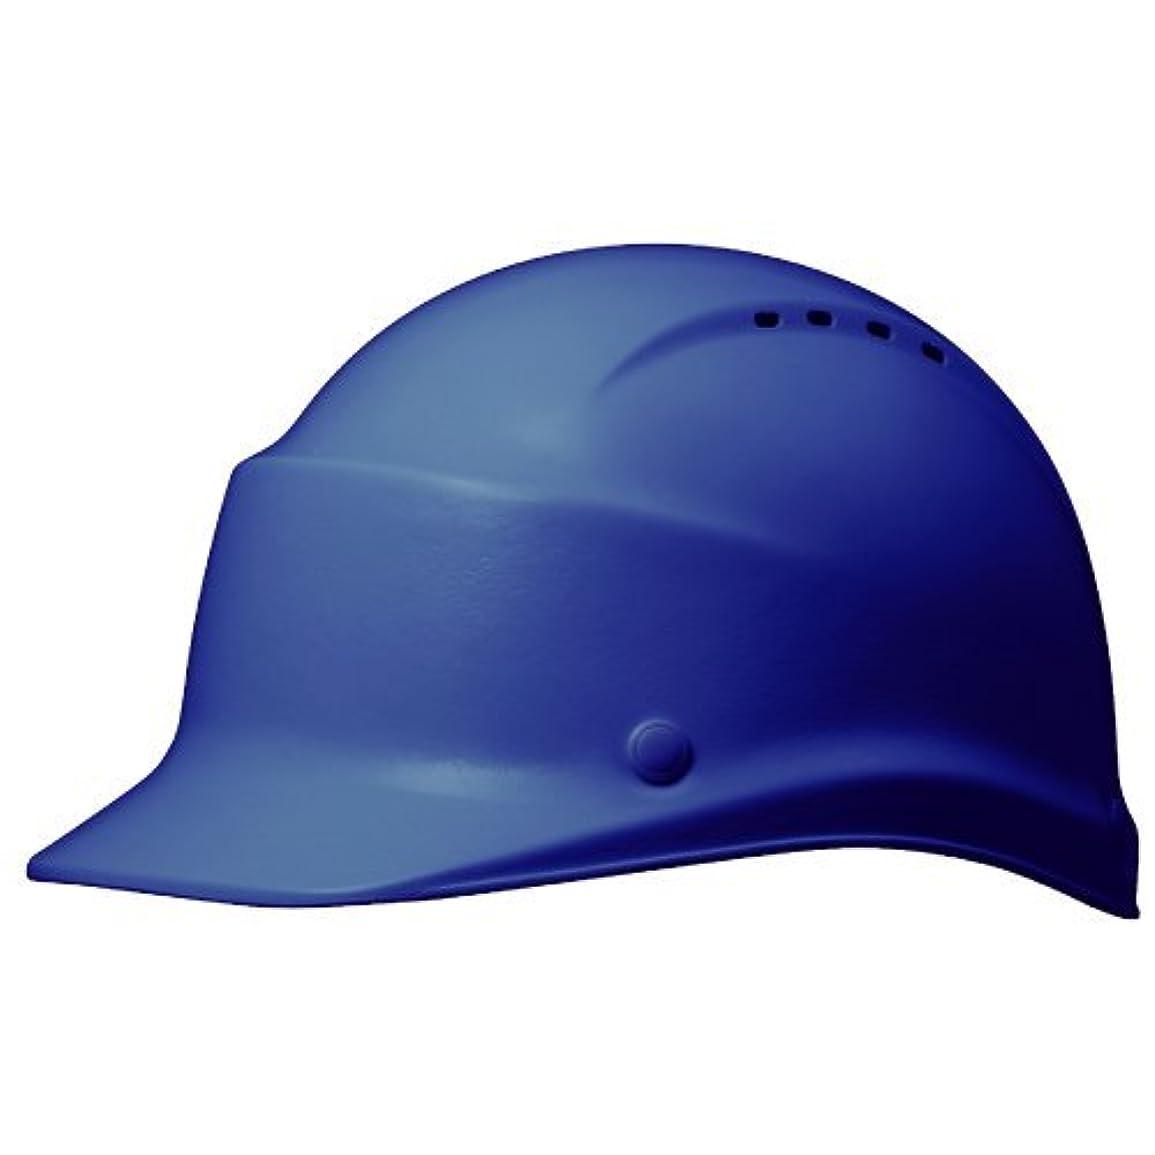 相対性理論起こる彼のミドリ安全 ヘルメット 一般作業用 熱場作業用 通気孔付 SC5FV RA KP付 ブルー